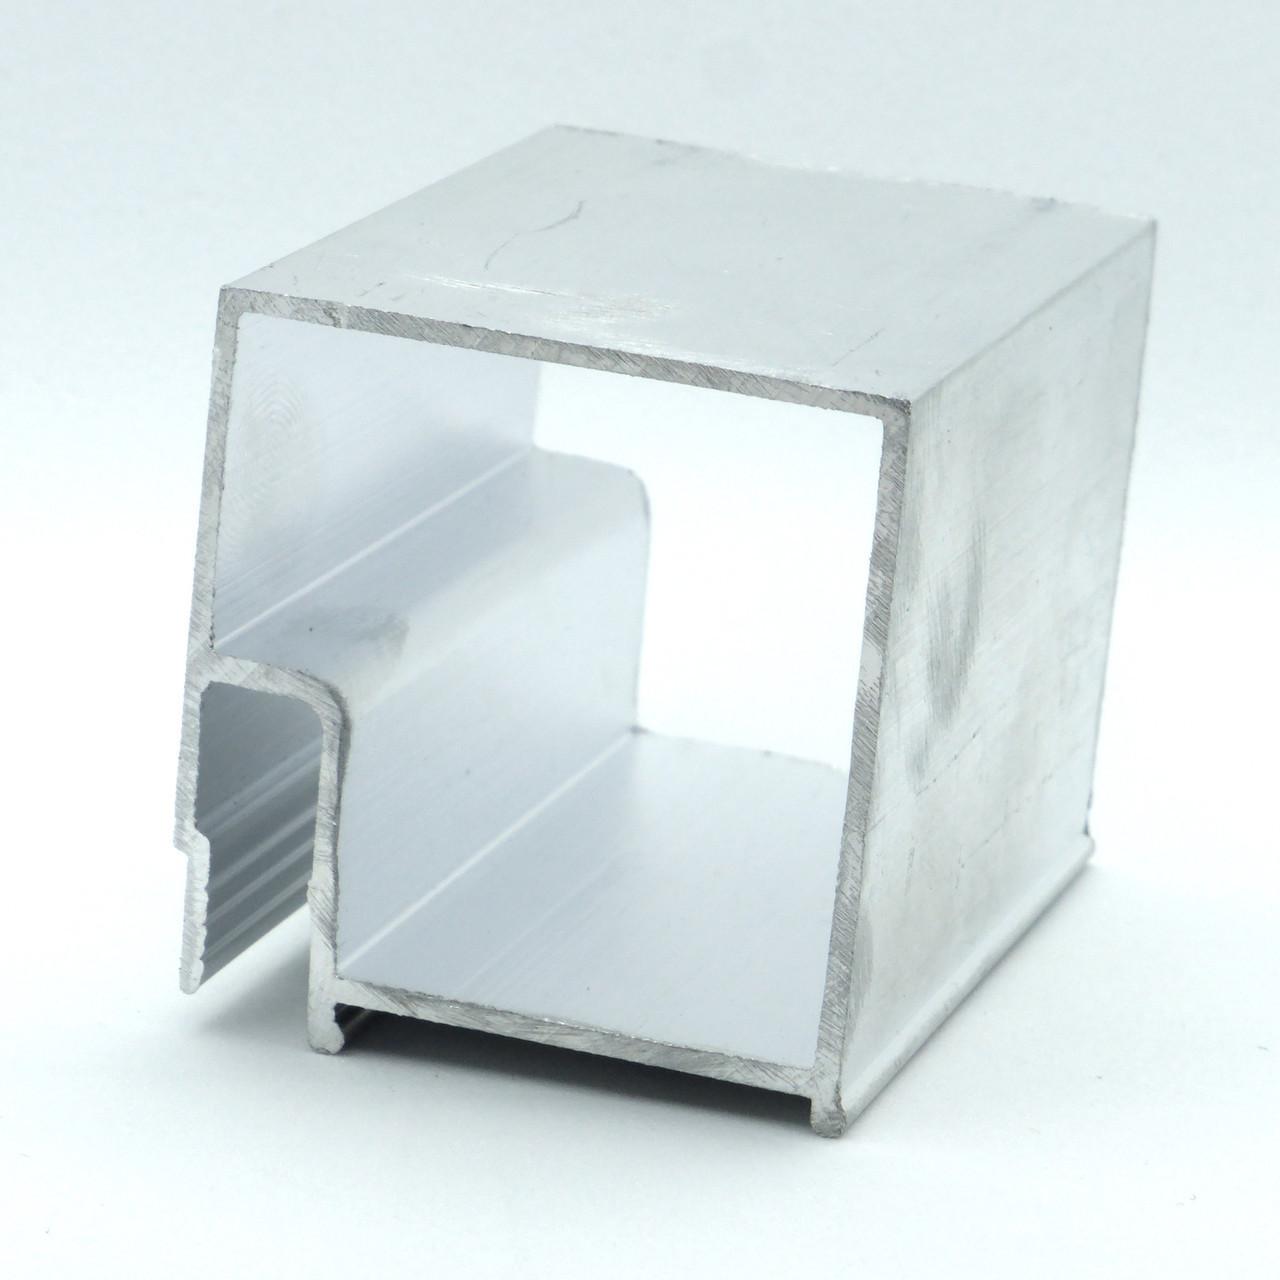 Профиль алюминиевый - Брус. Длина профиля 2,5 м.